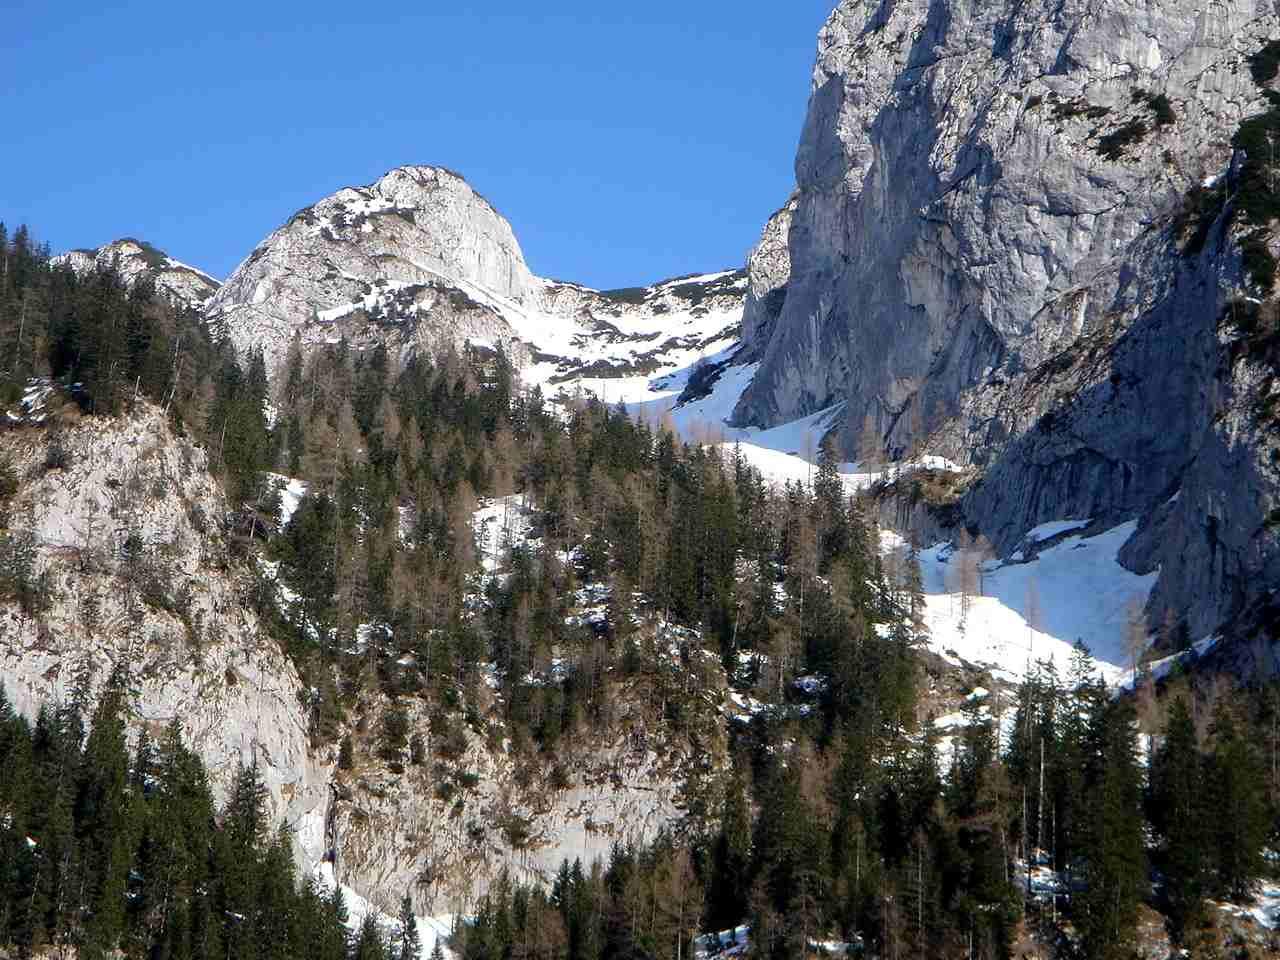 Foto: Manfred Karl / Ski Tour / Hoher Göll, 2522m / Vom Parkplatz Hinterbrand hat man einen guten Überblick über das Alpeltal. / 18.05.2007 06:35:10